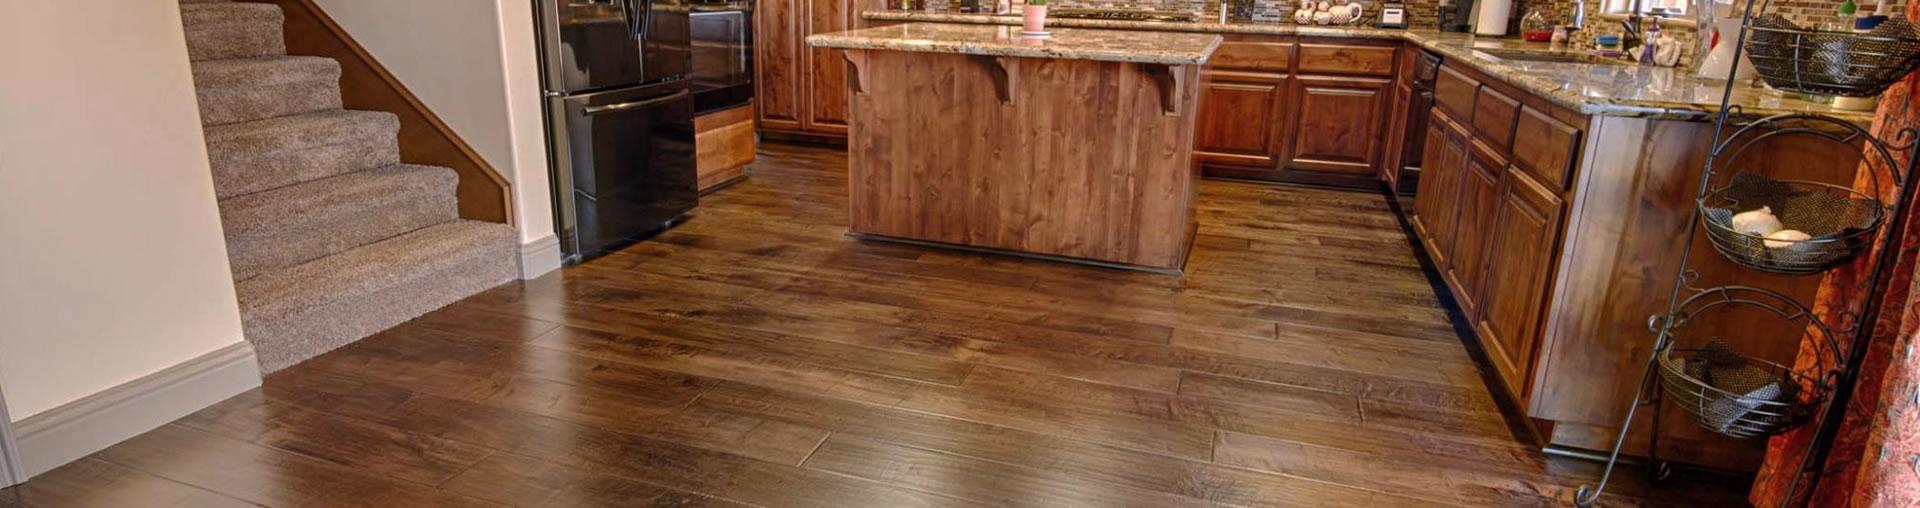 hardwood flooring idaho falls